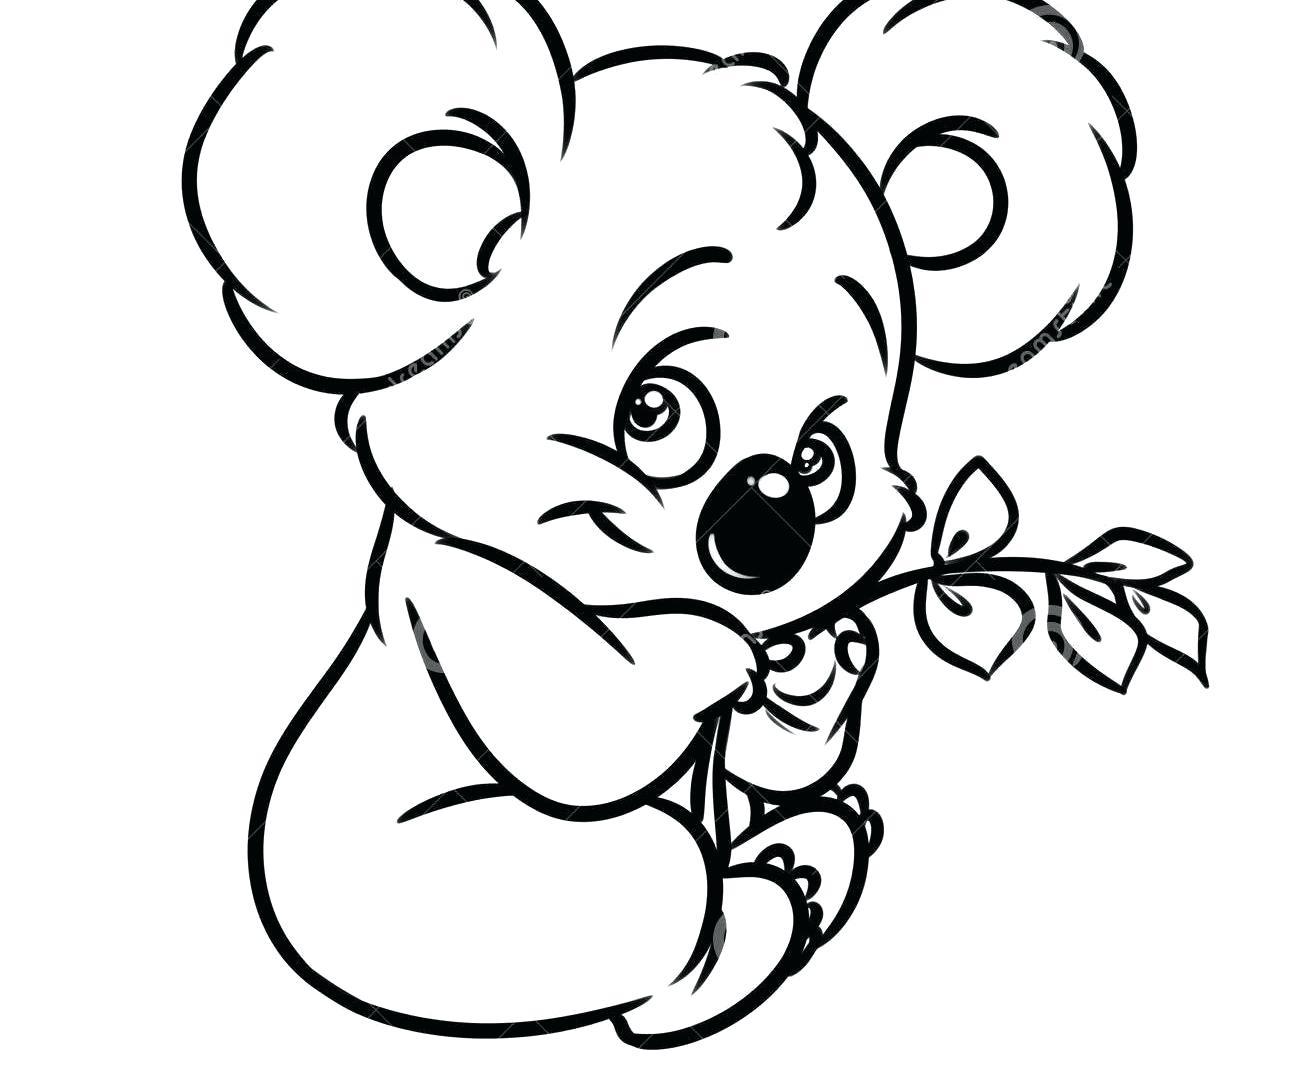 Baby Koala Drawing At Getdrawings